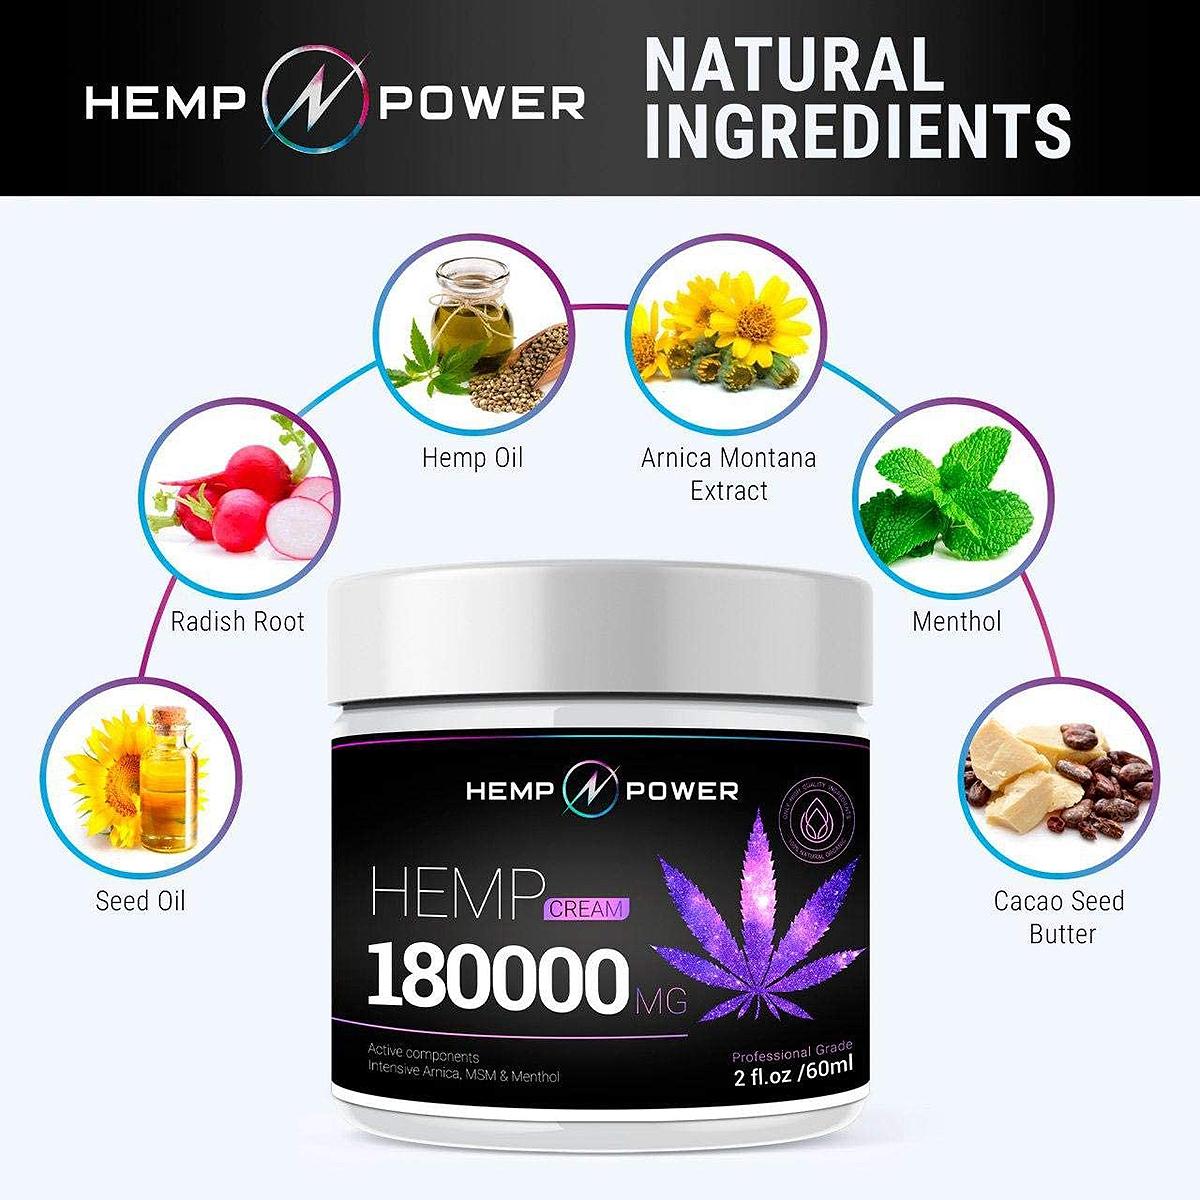 hemp-power-ingredients